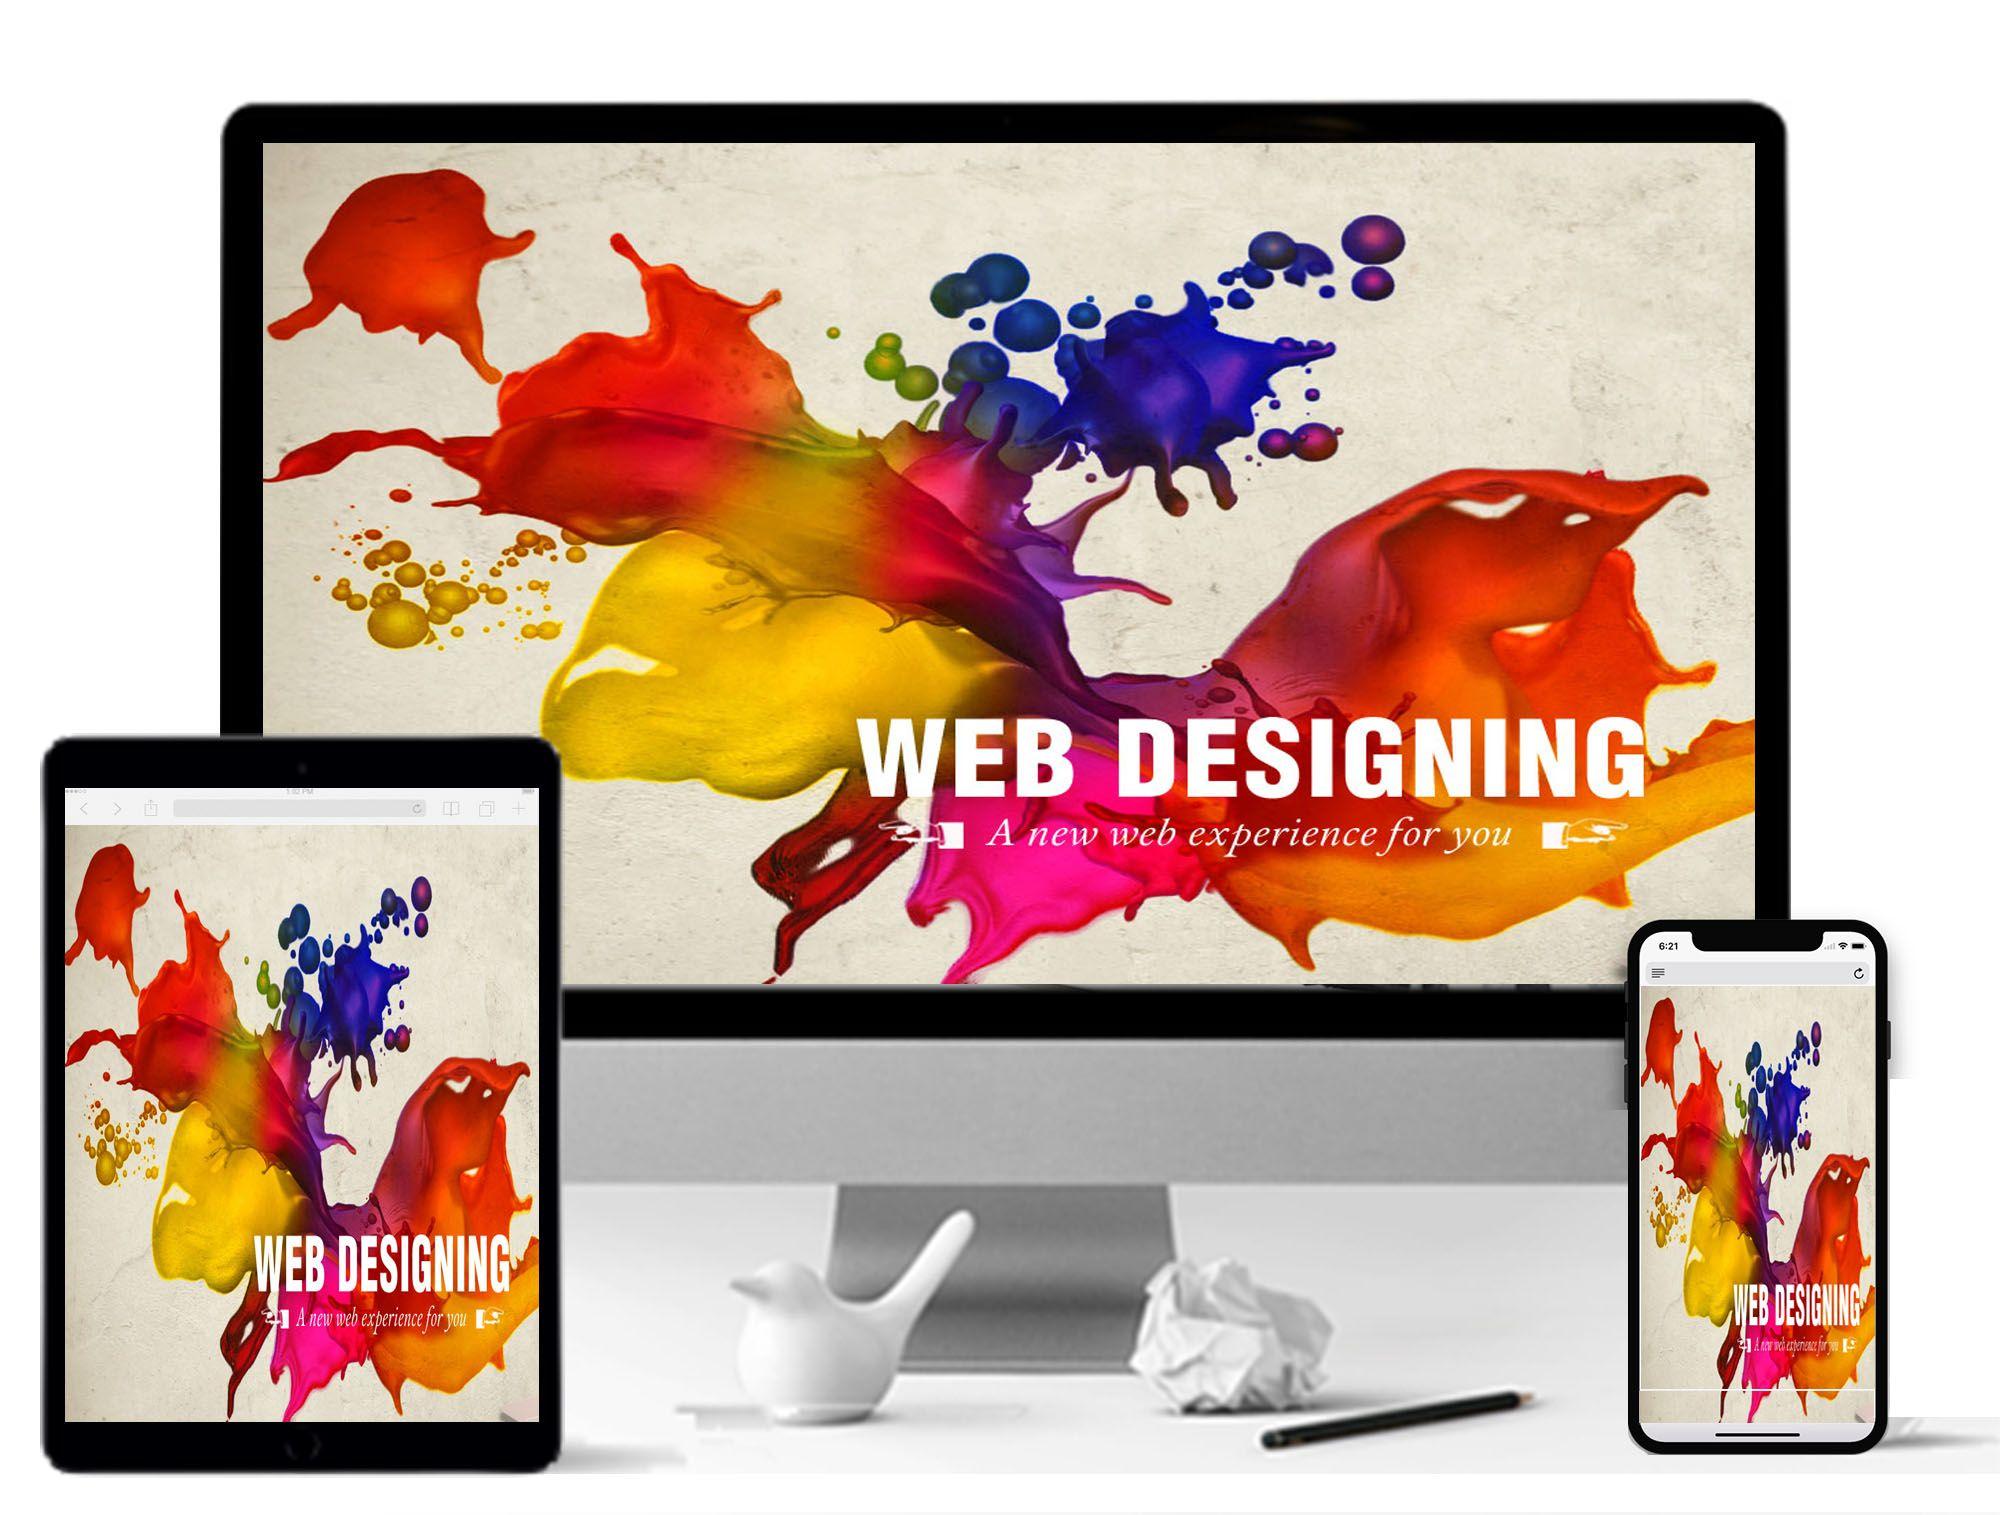 Web Designing Website Design Services Web Design Marketing Website Design